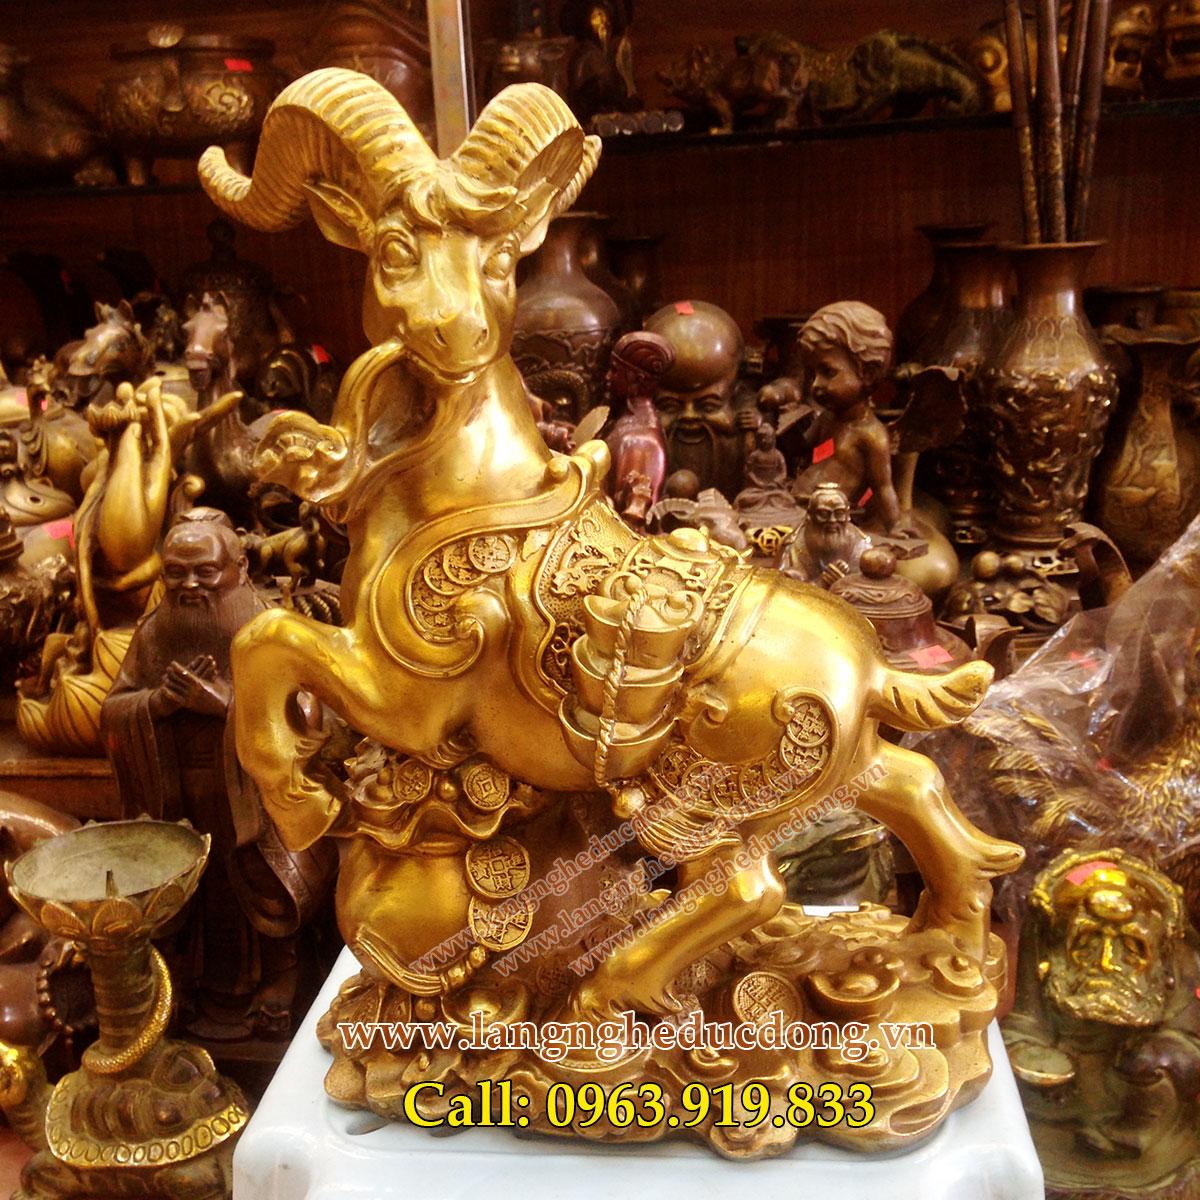 langngheducdong.vn - tượng 3 dê đồng phong thủy, tượng dê tam dương cao 20cm